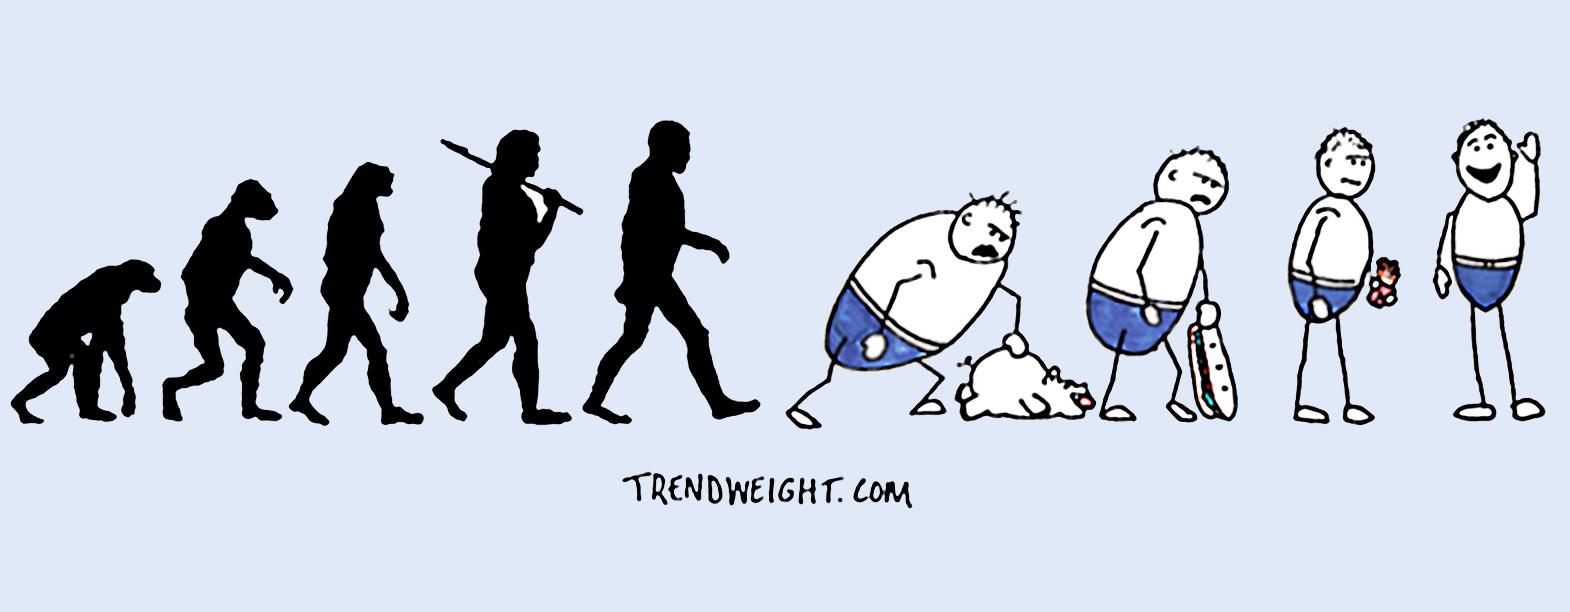 Introducing TrendWeight